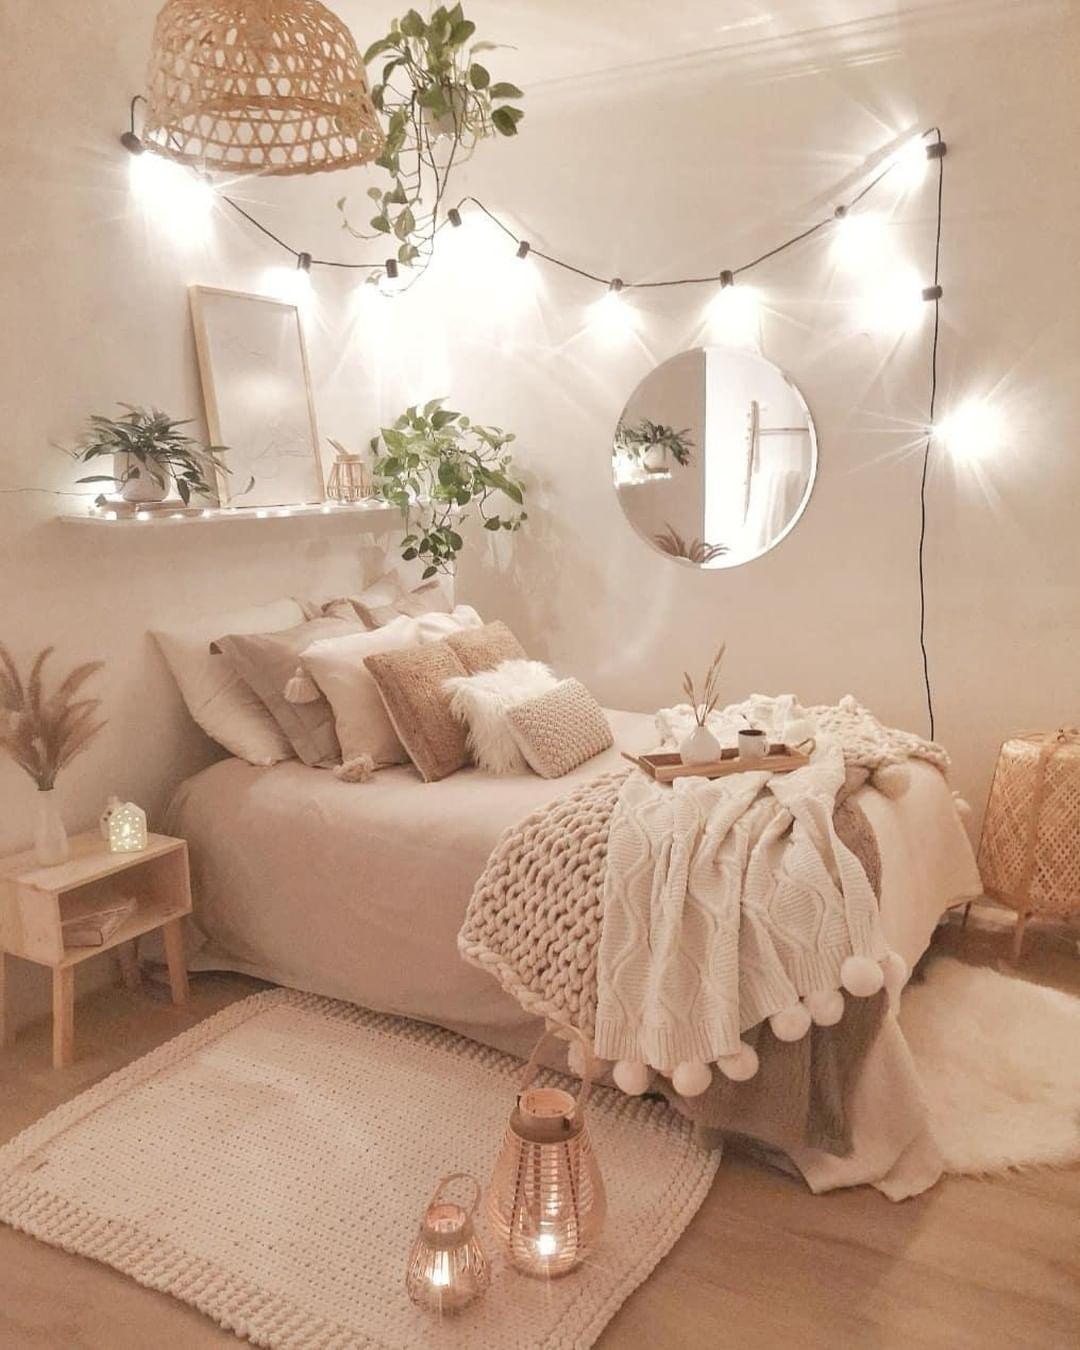 28+ Deco chambre ado cocooning ideas in 2021